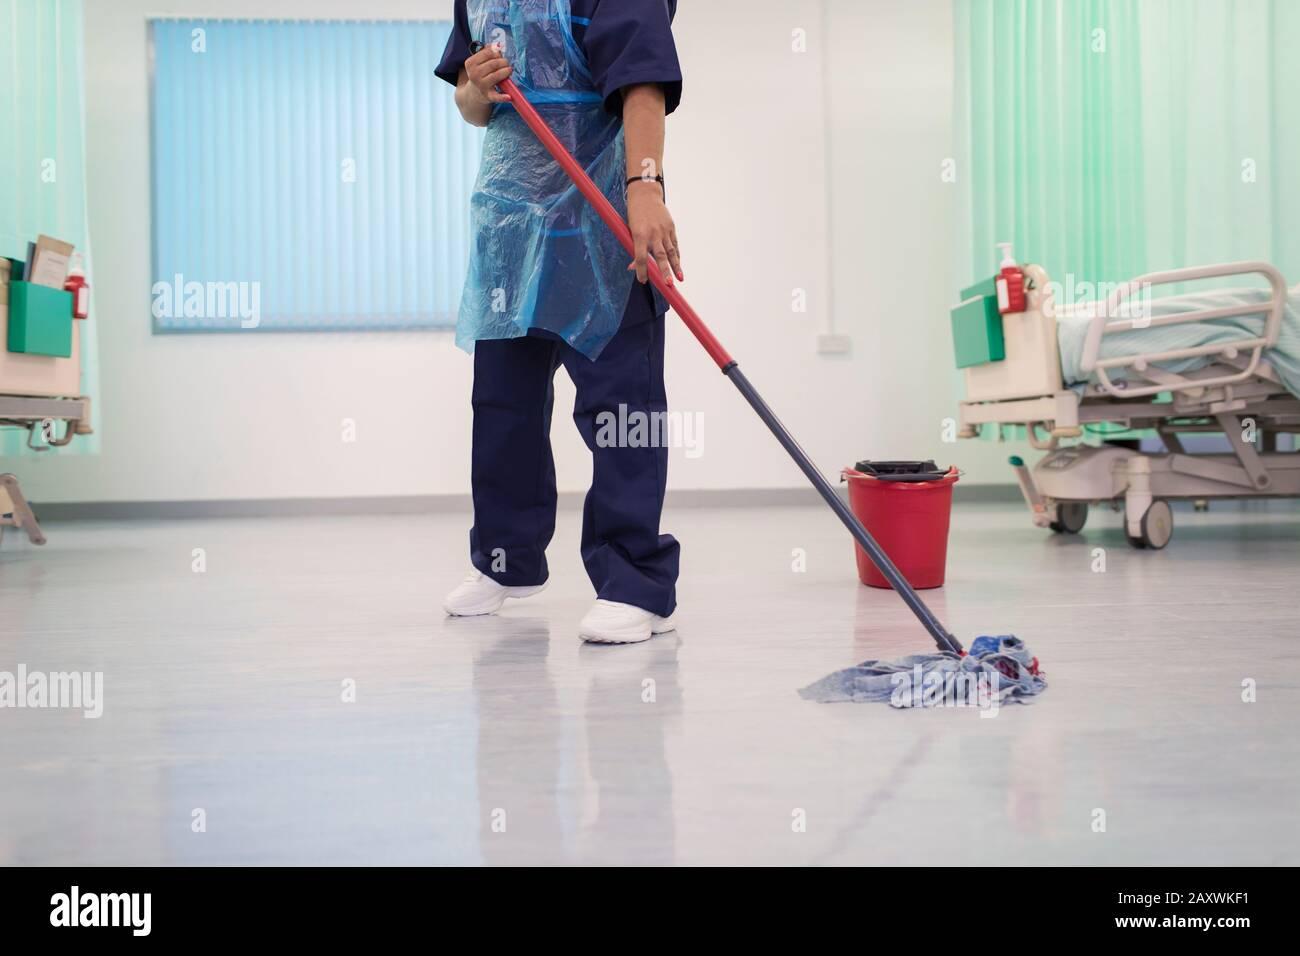 Weiblicher, geordneter Wischhospital, Stationsboden Stockfoto